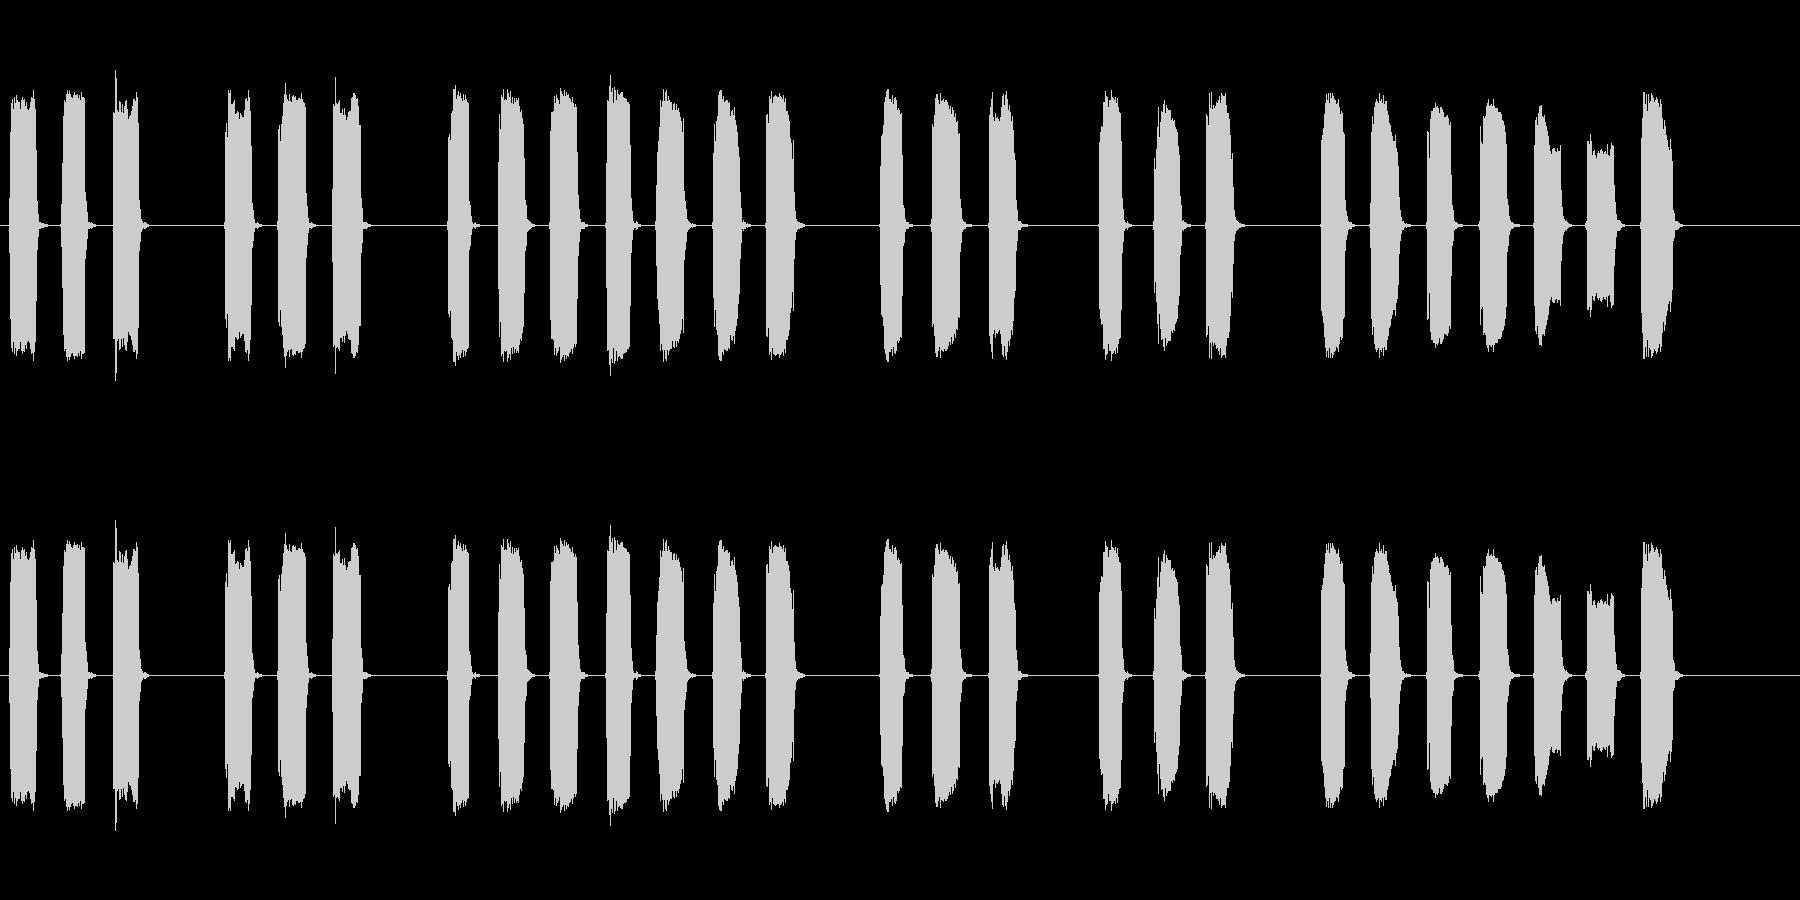 三三七拍子の笛、ホイッスル■ピッピッピッの未再生の波形